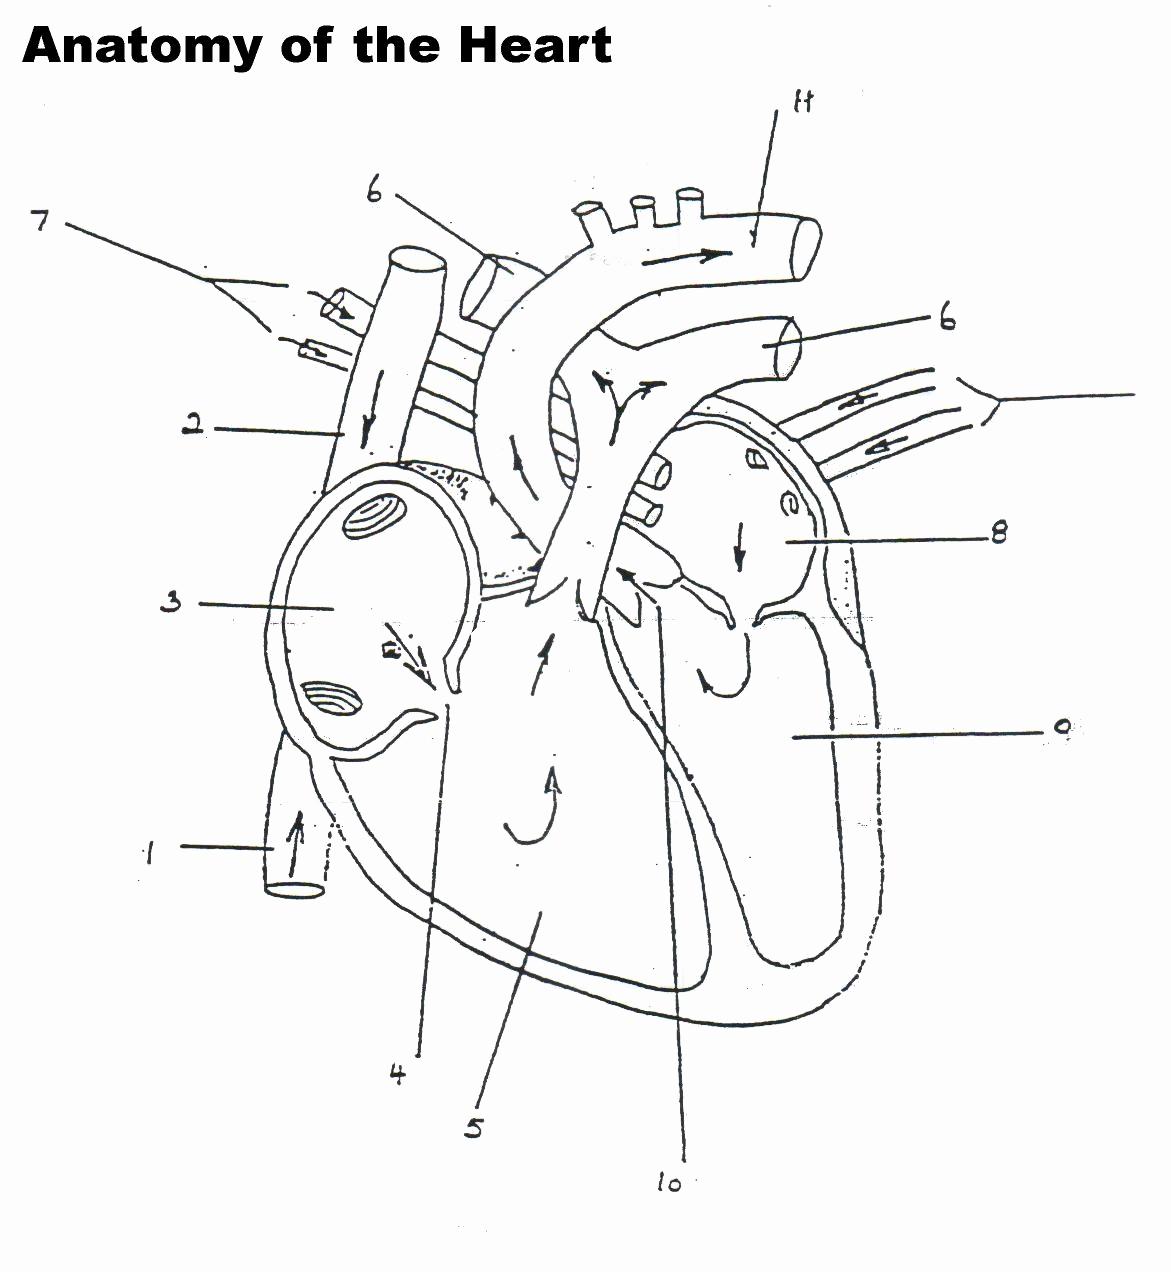 Heart Diagram Worksheet Blank Lovely Human Heart Worksheet Blank